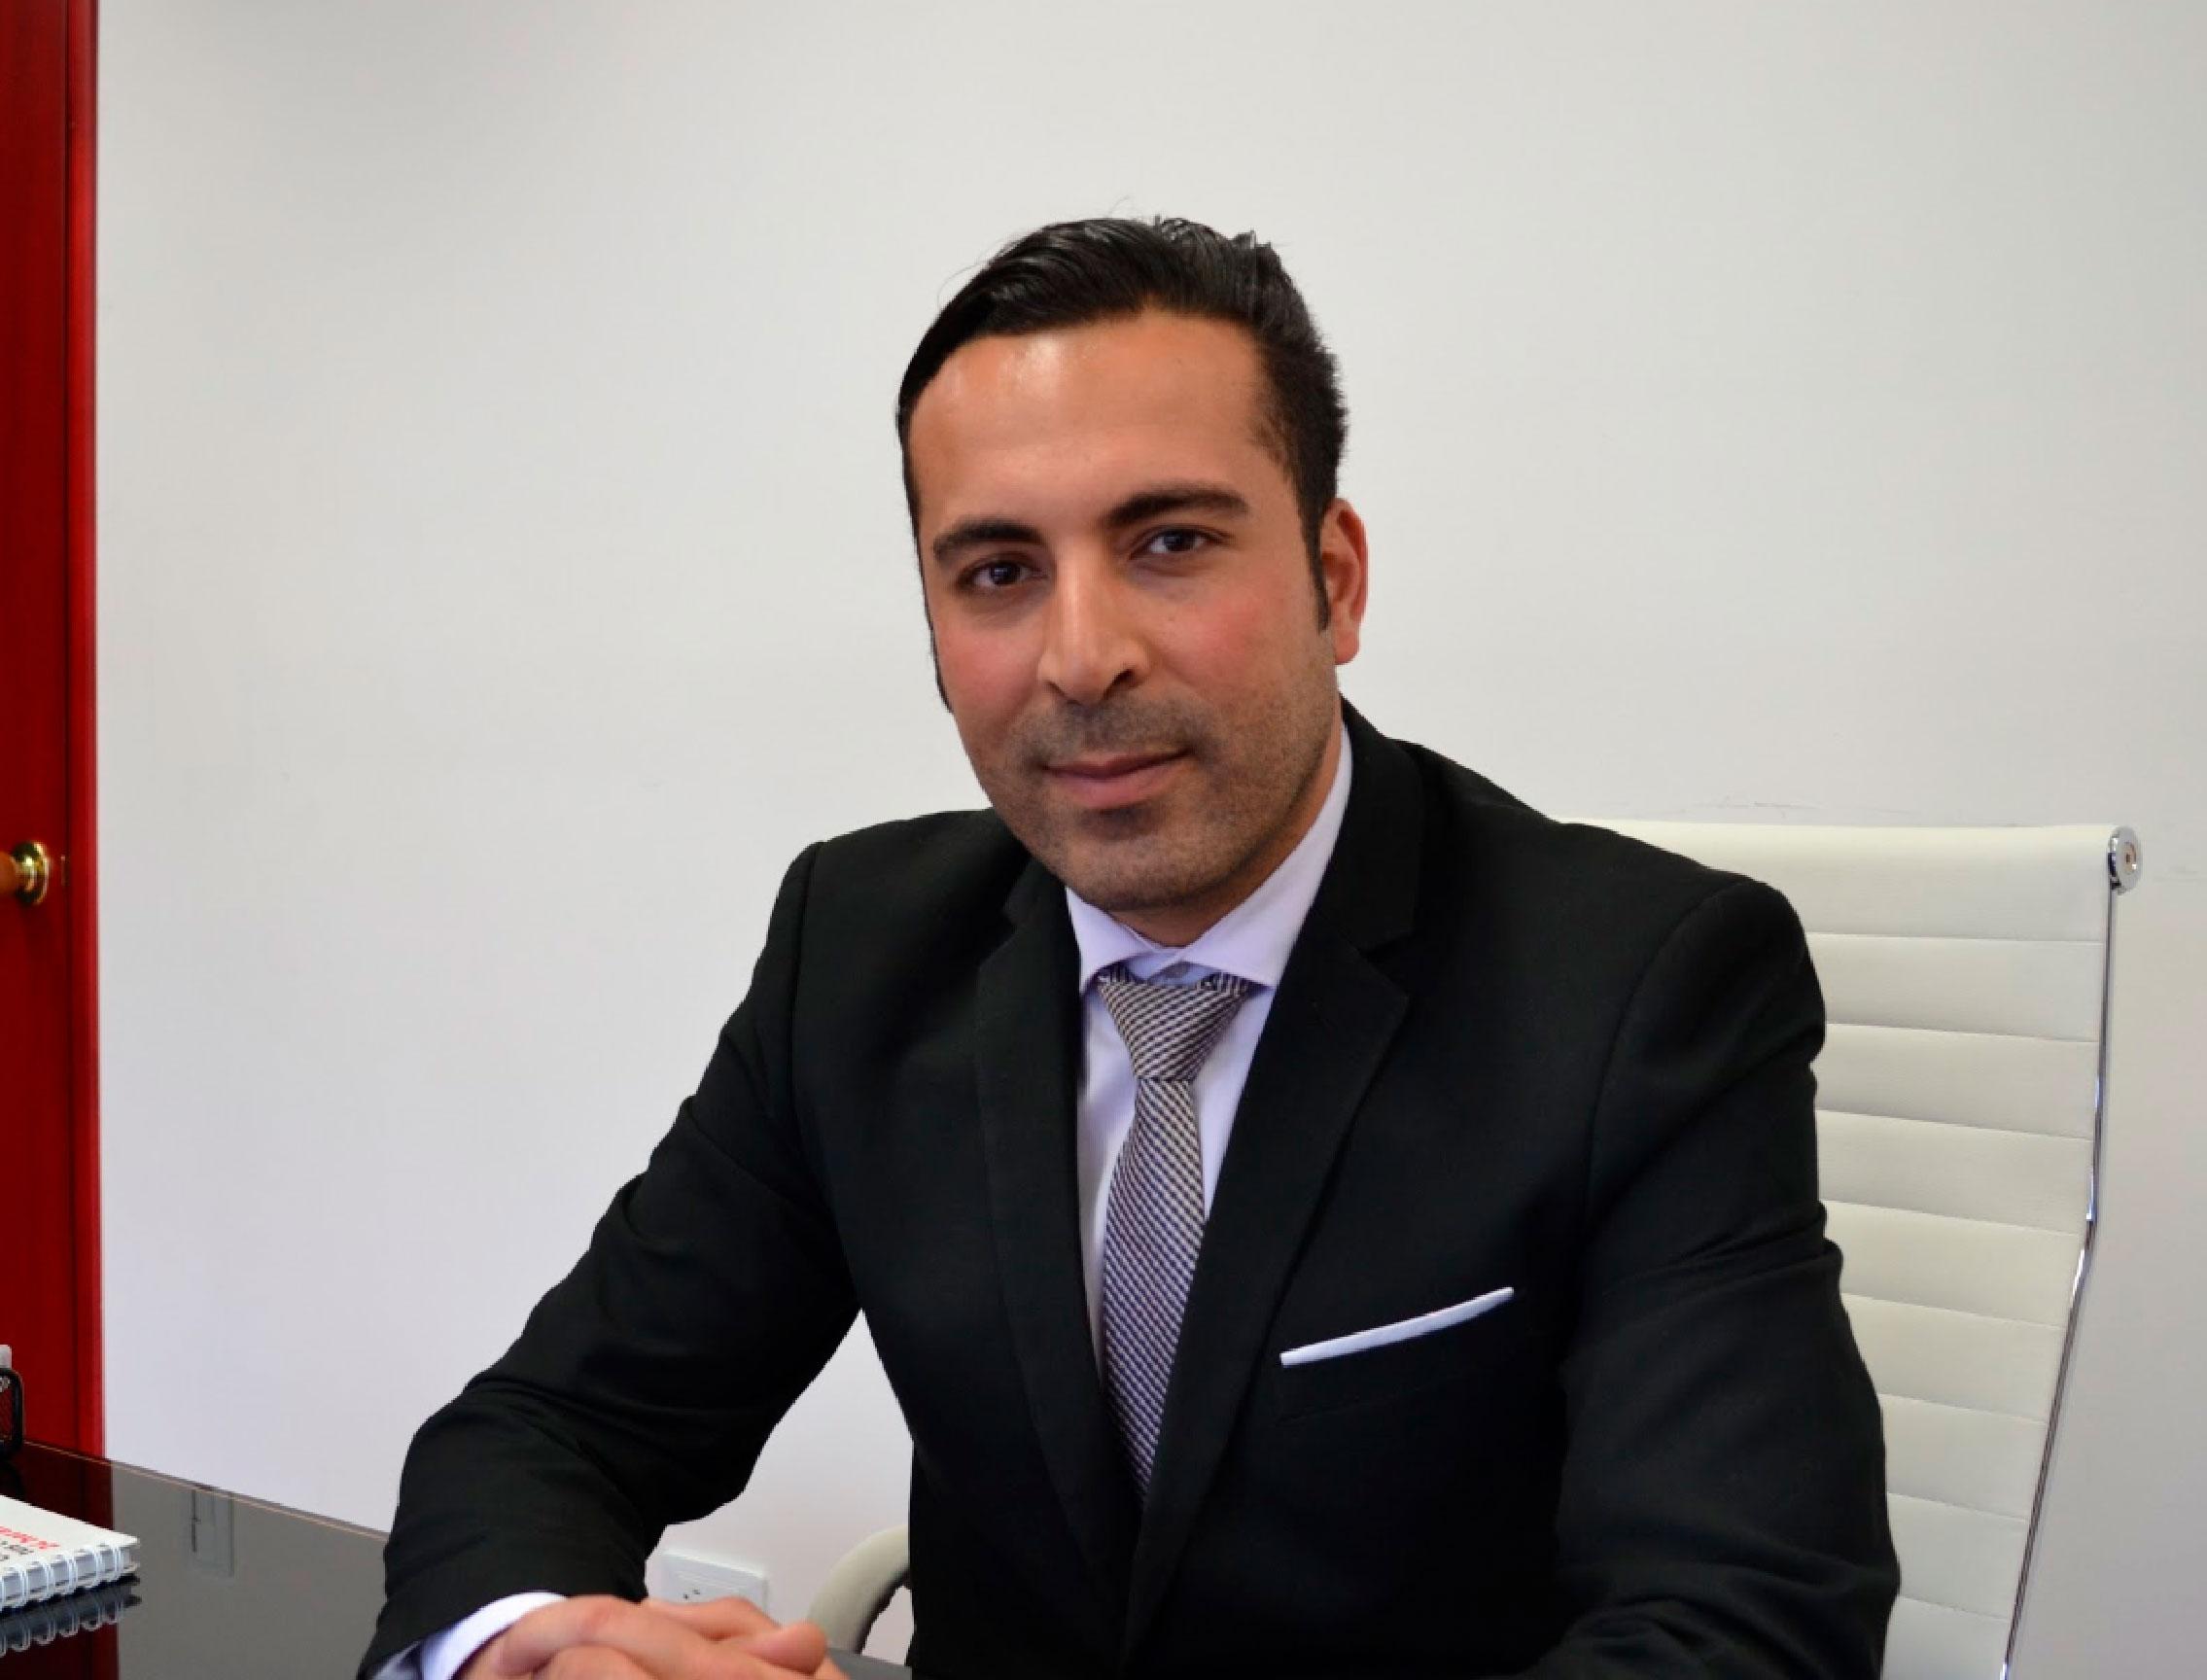 Soufian Echatoui